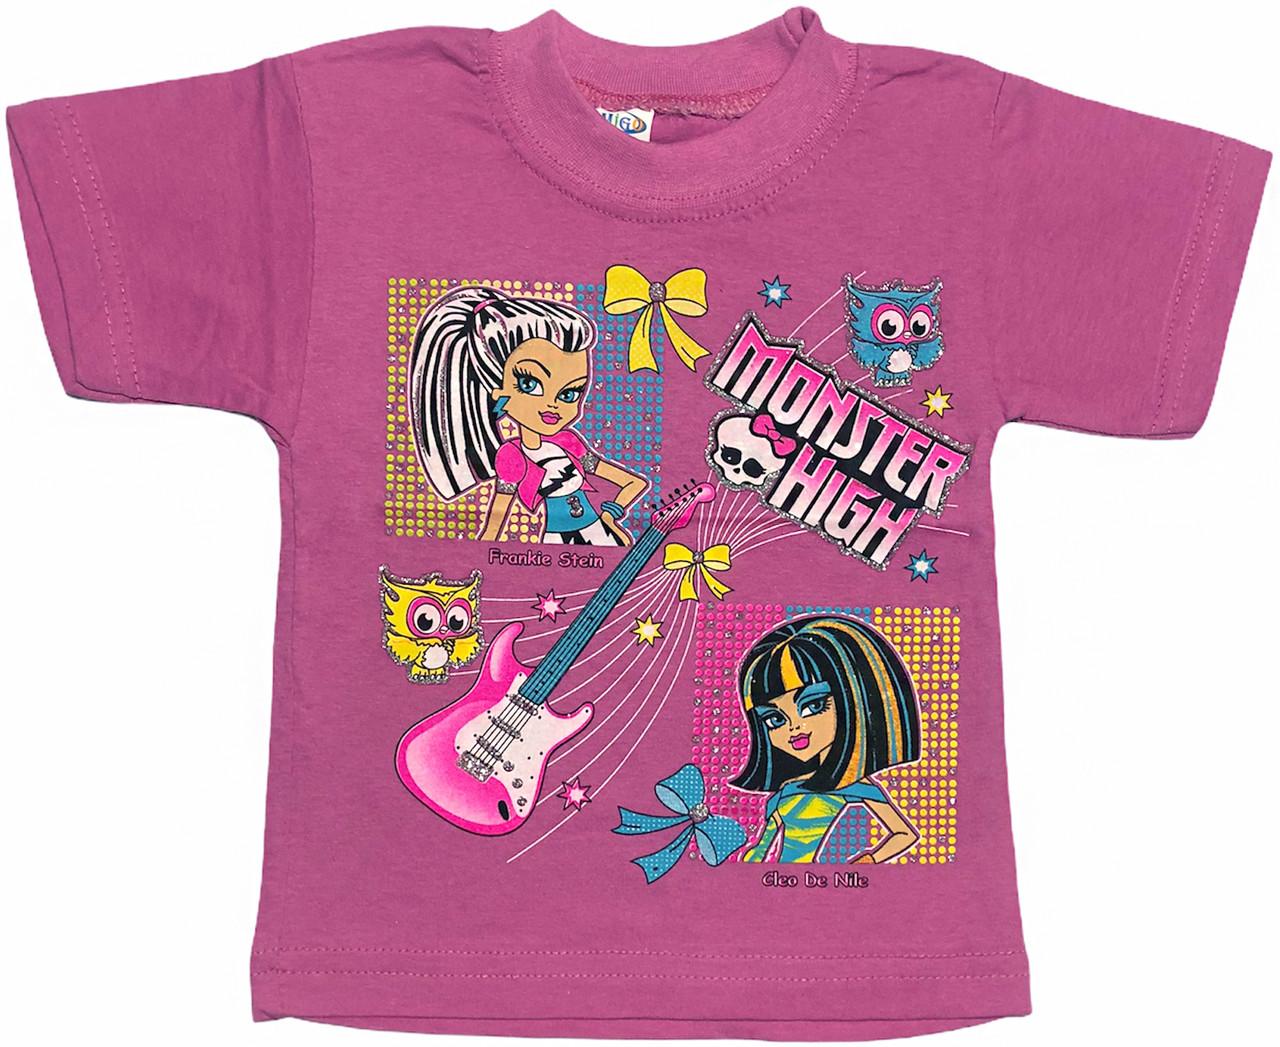 Детская футболка на девочку рост 86 1-1,5 года для новорожденных малышей с принтом яркая трикотажная сиреневая